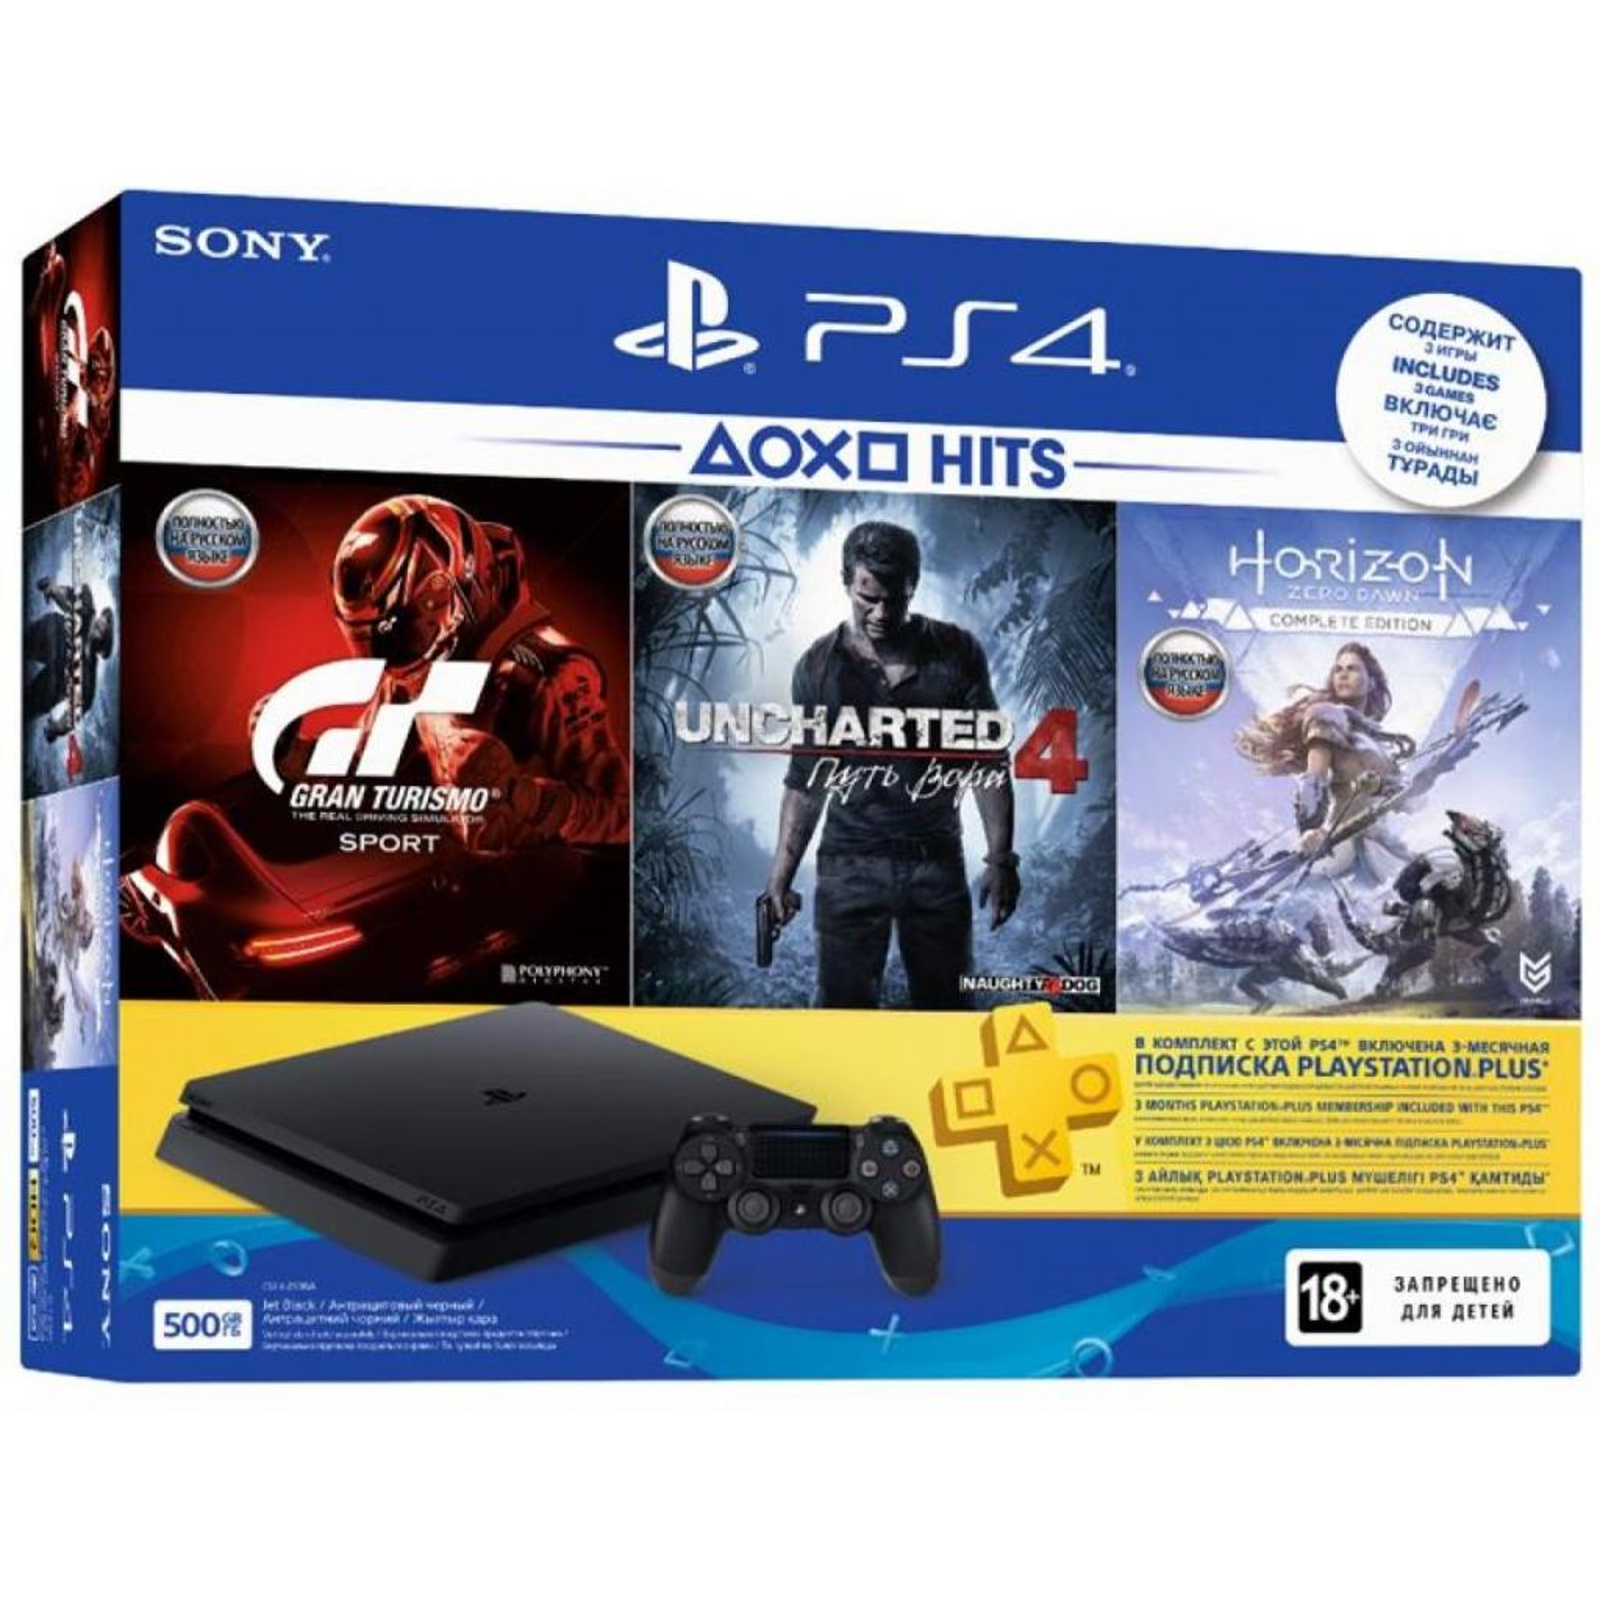 Игровая консоль SONY PlayStation 4 Slim 500 Gb Black (HZD+GTS+UC4+Wargaming+PSPl) (9395270*) изображение 9